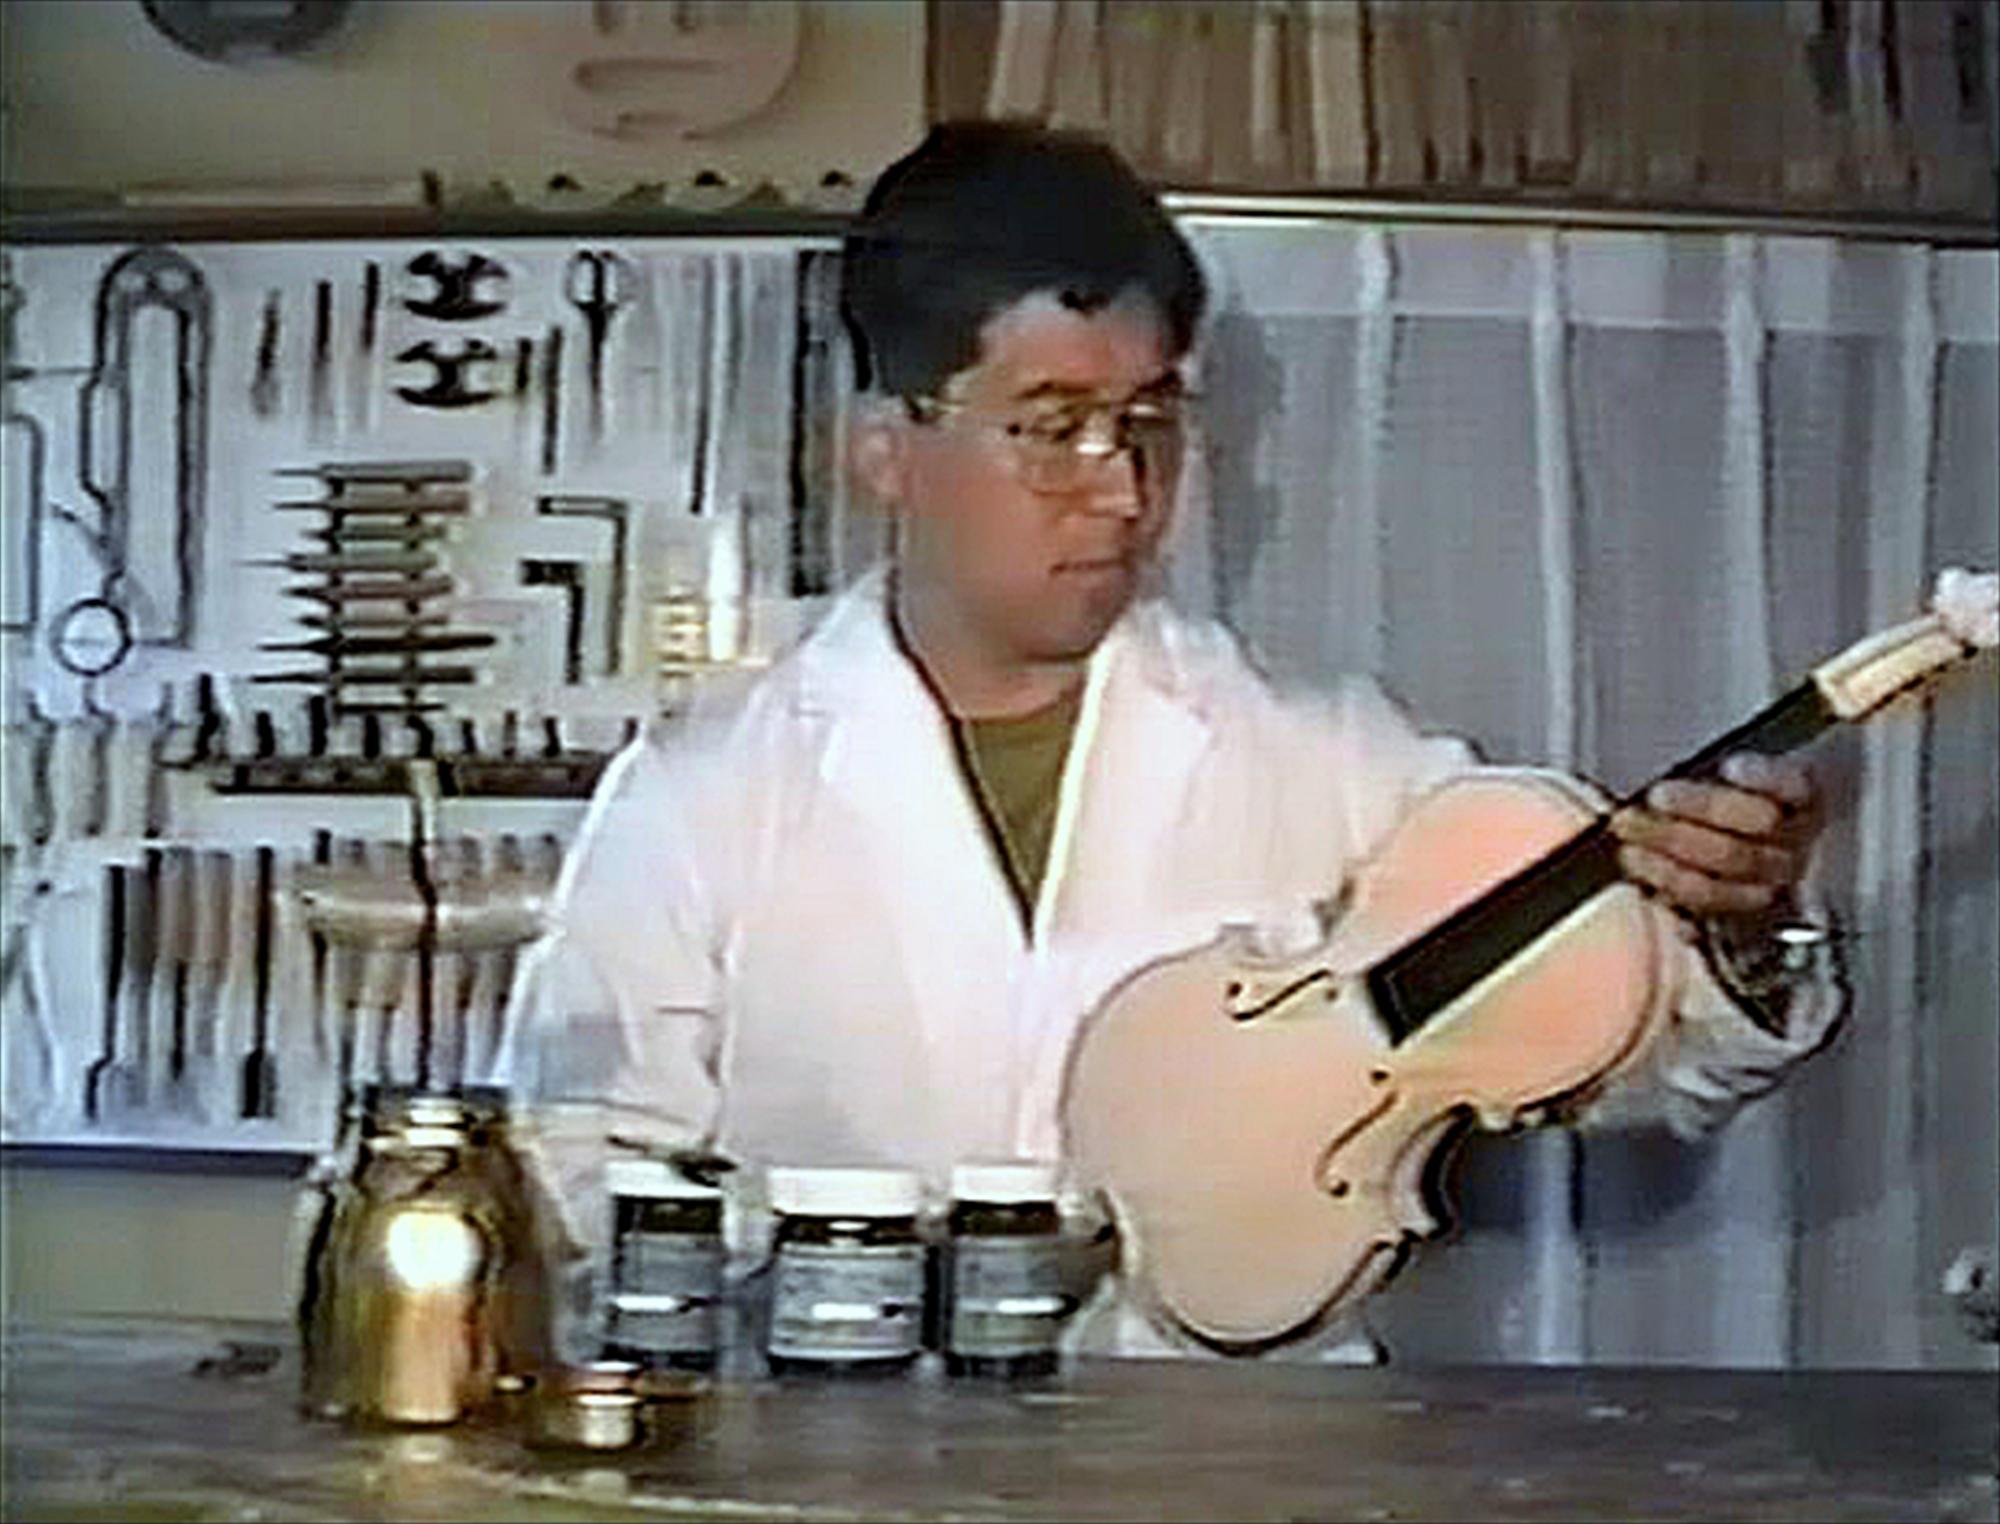 ヴァイオリン製作ビデオの1シーン